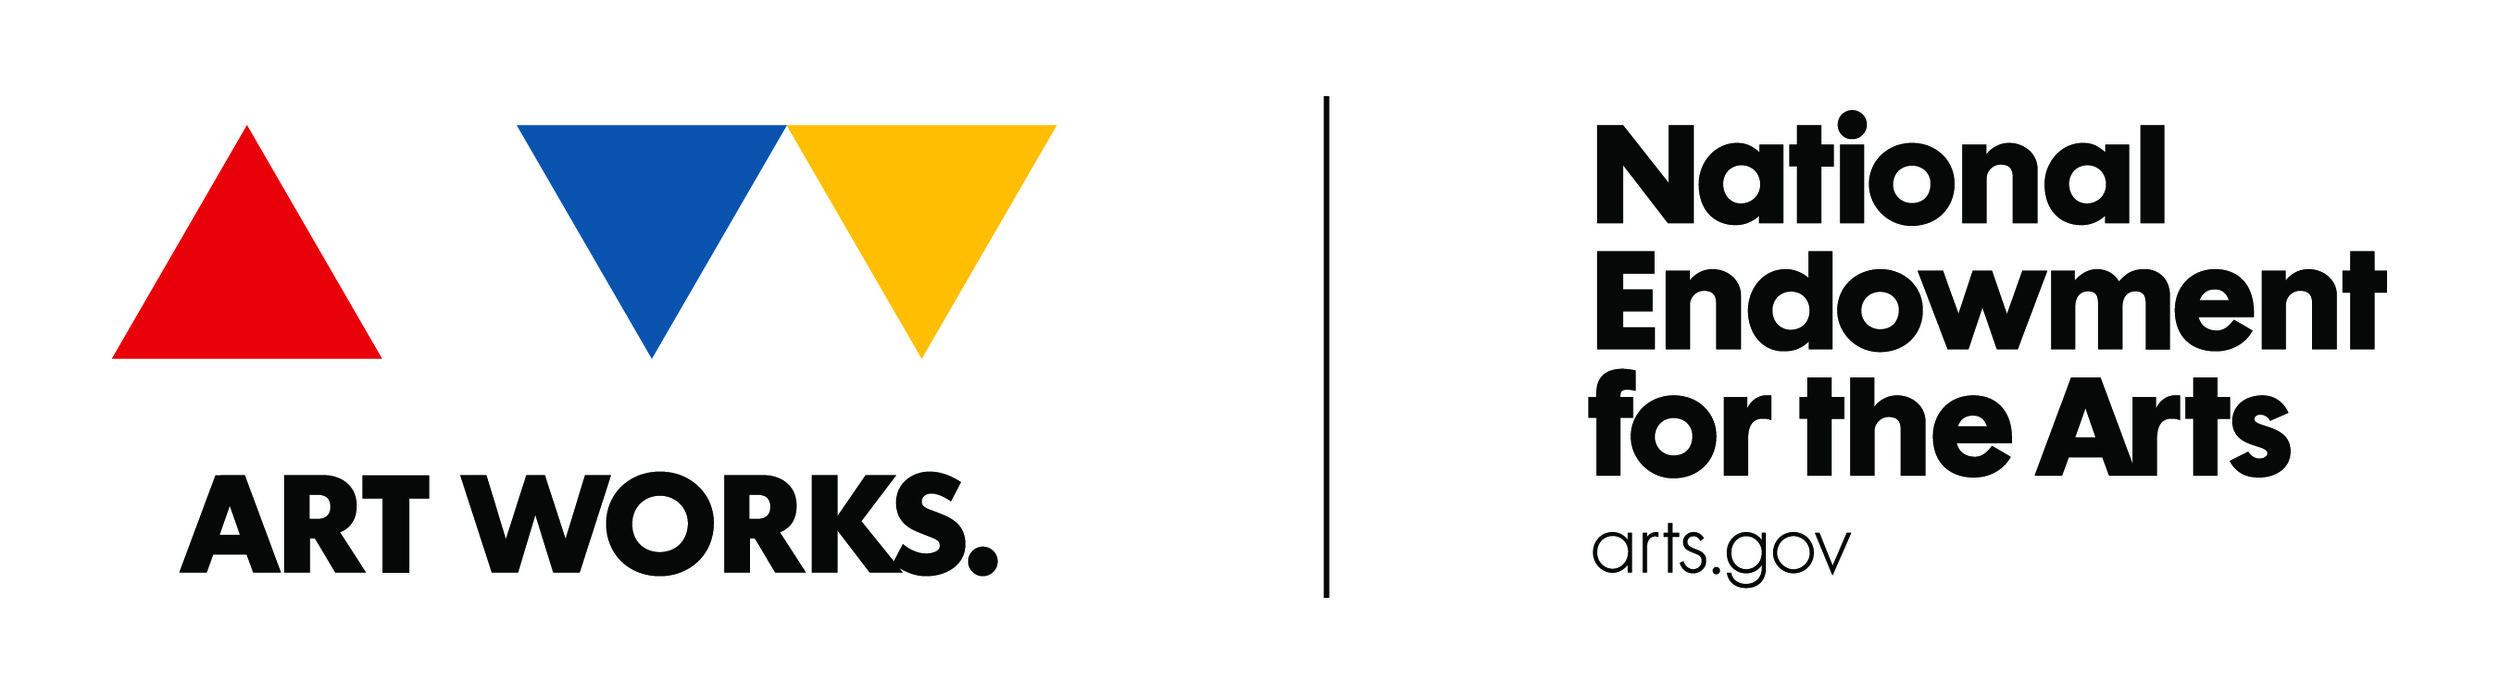 NEA Logo Full.jpg